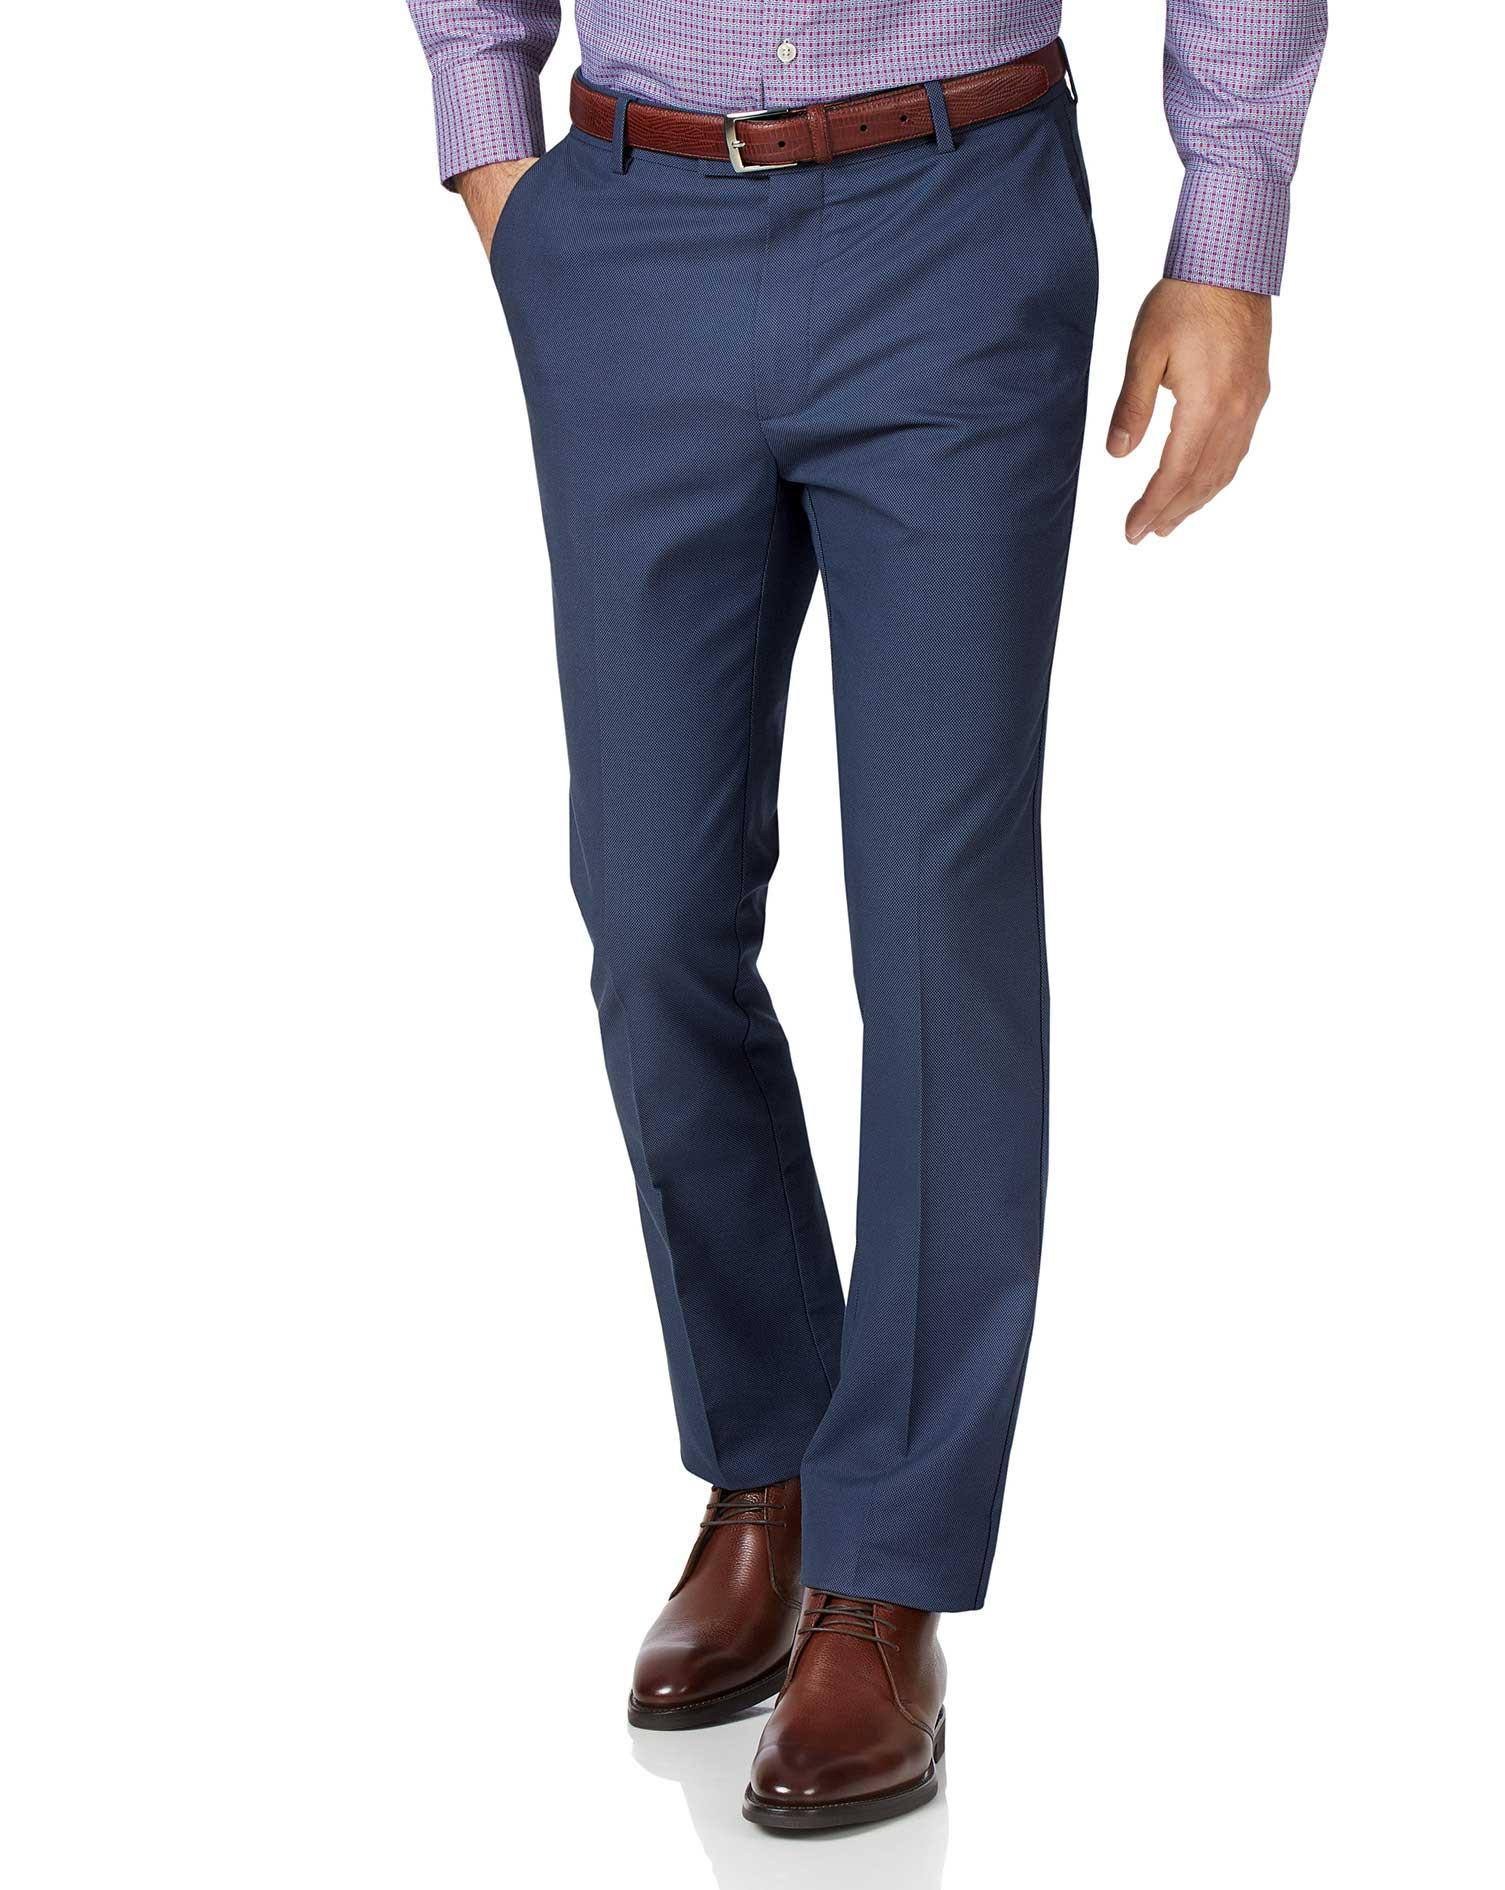 010f3e453 ... Blue slim fit stretch non-iron trousers. Previous. Sale